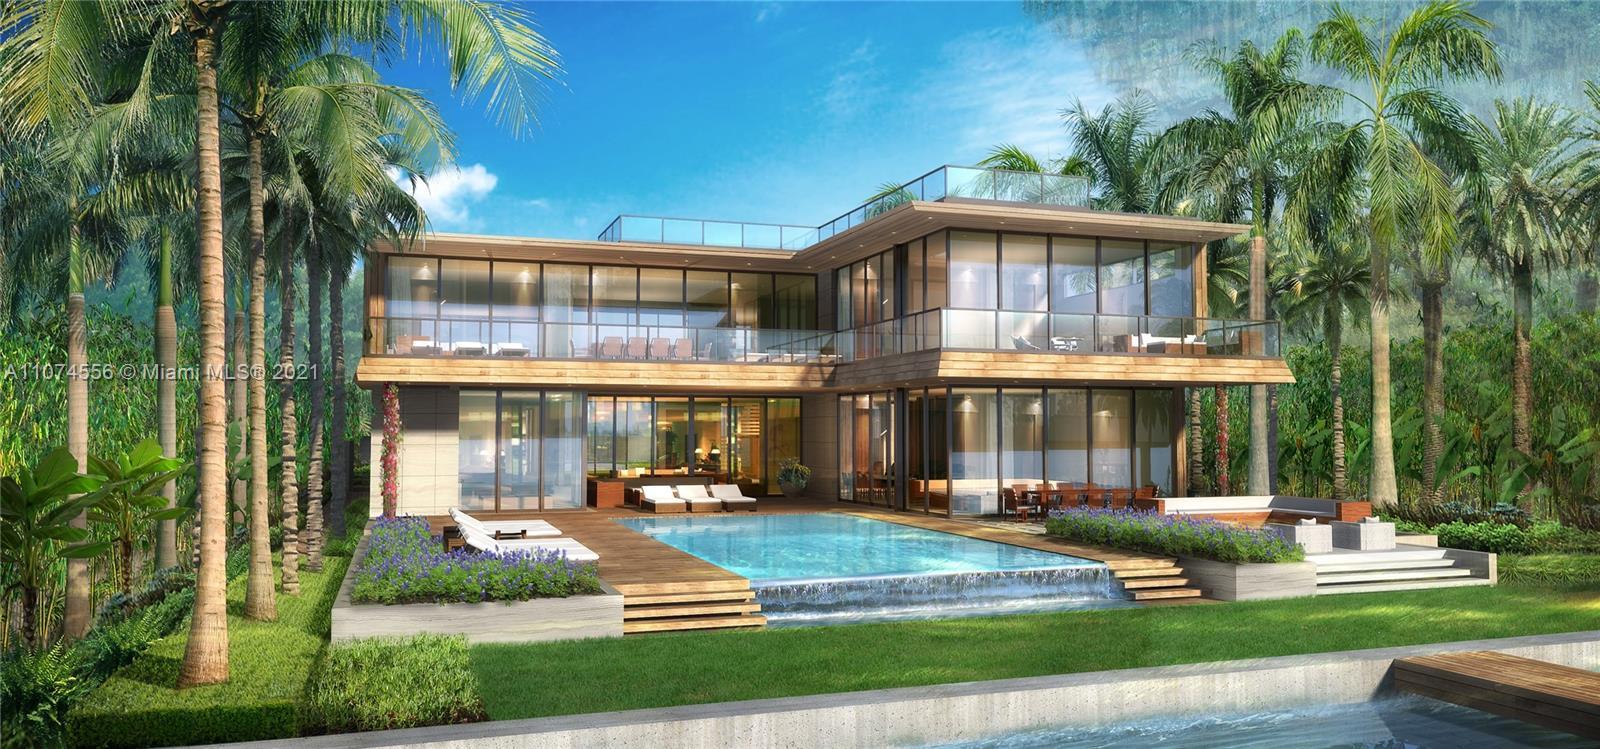 158 Palm Ave Property Photo 1